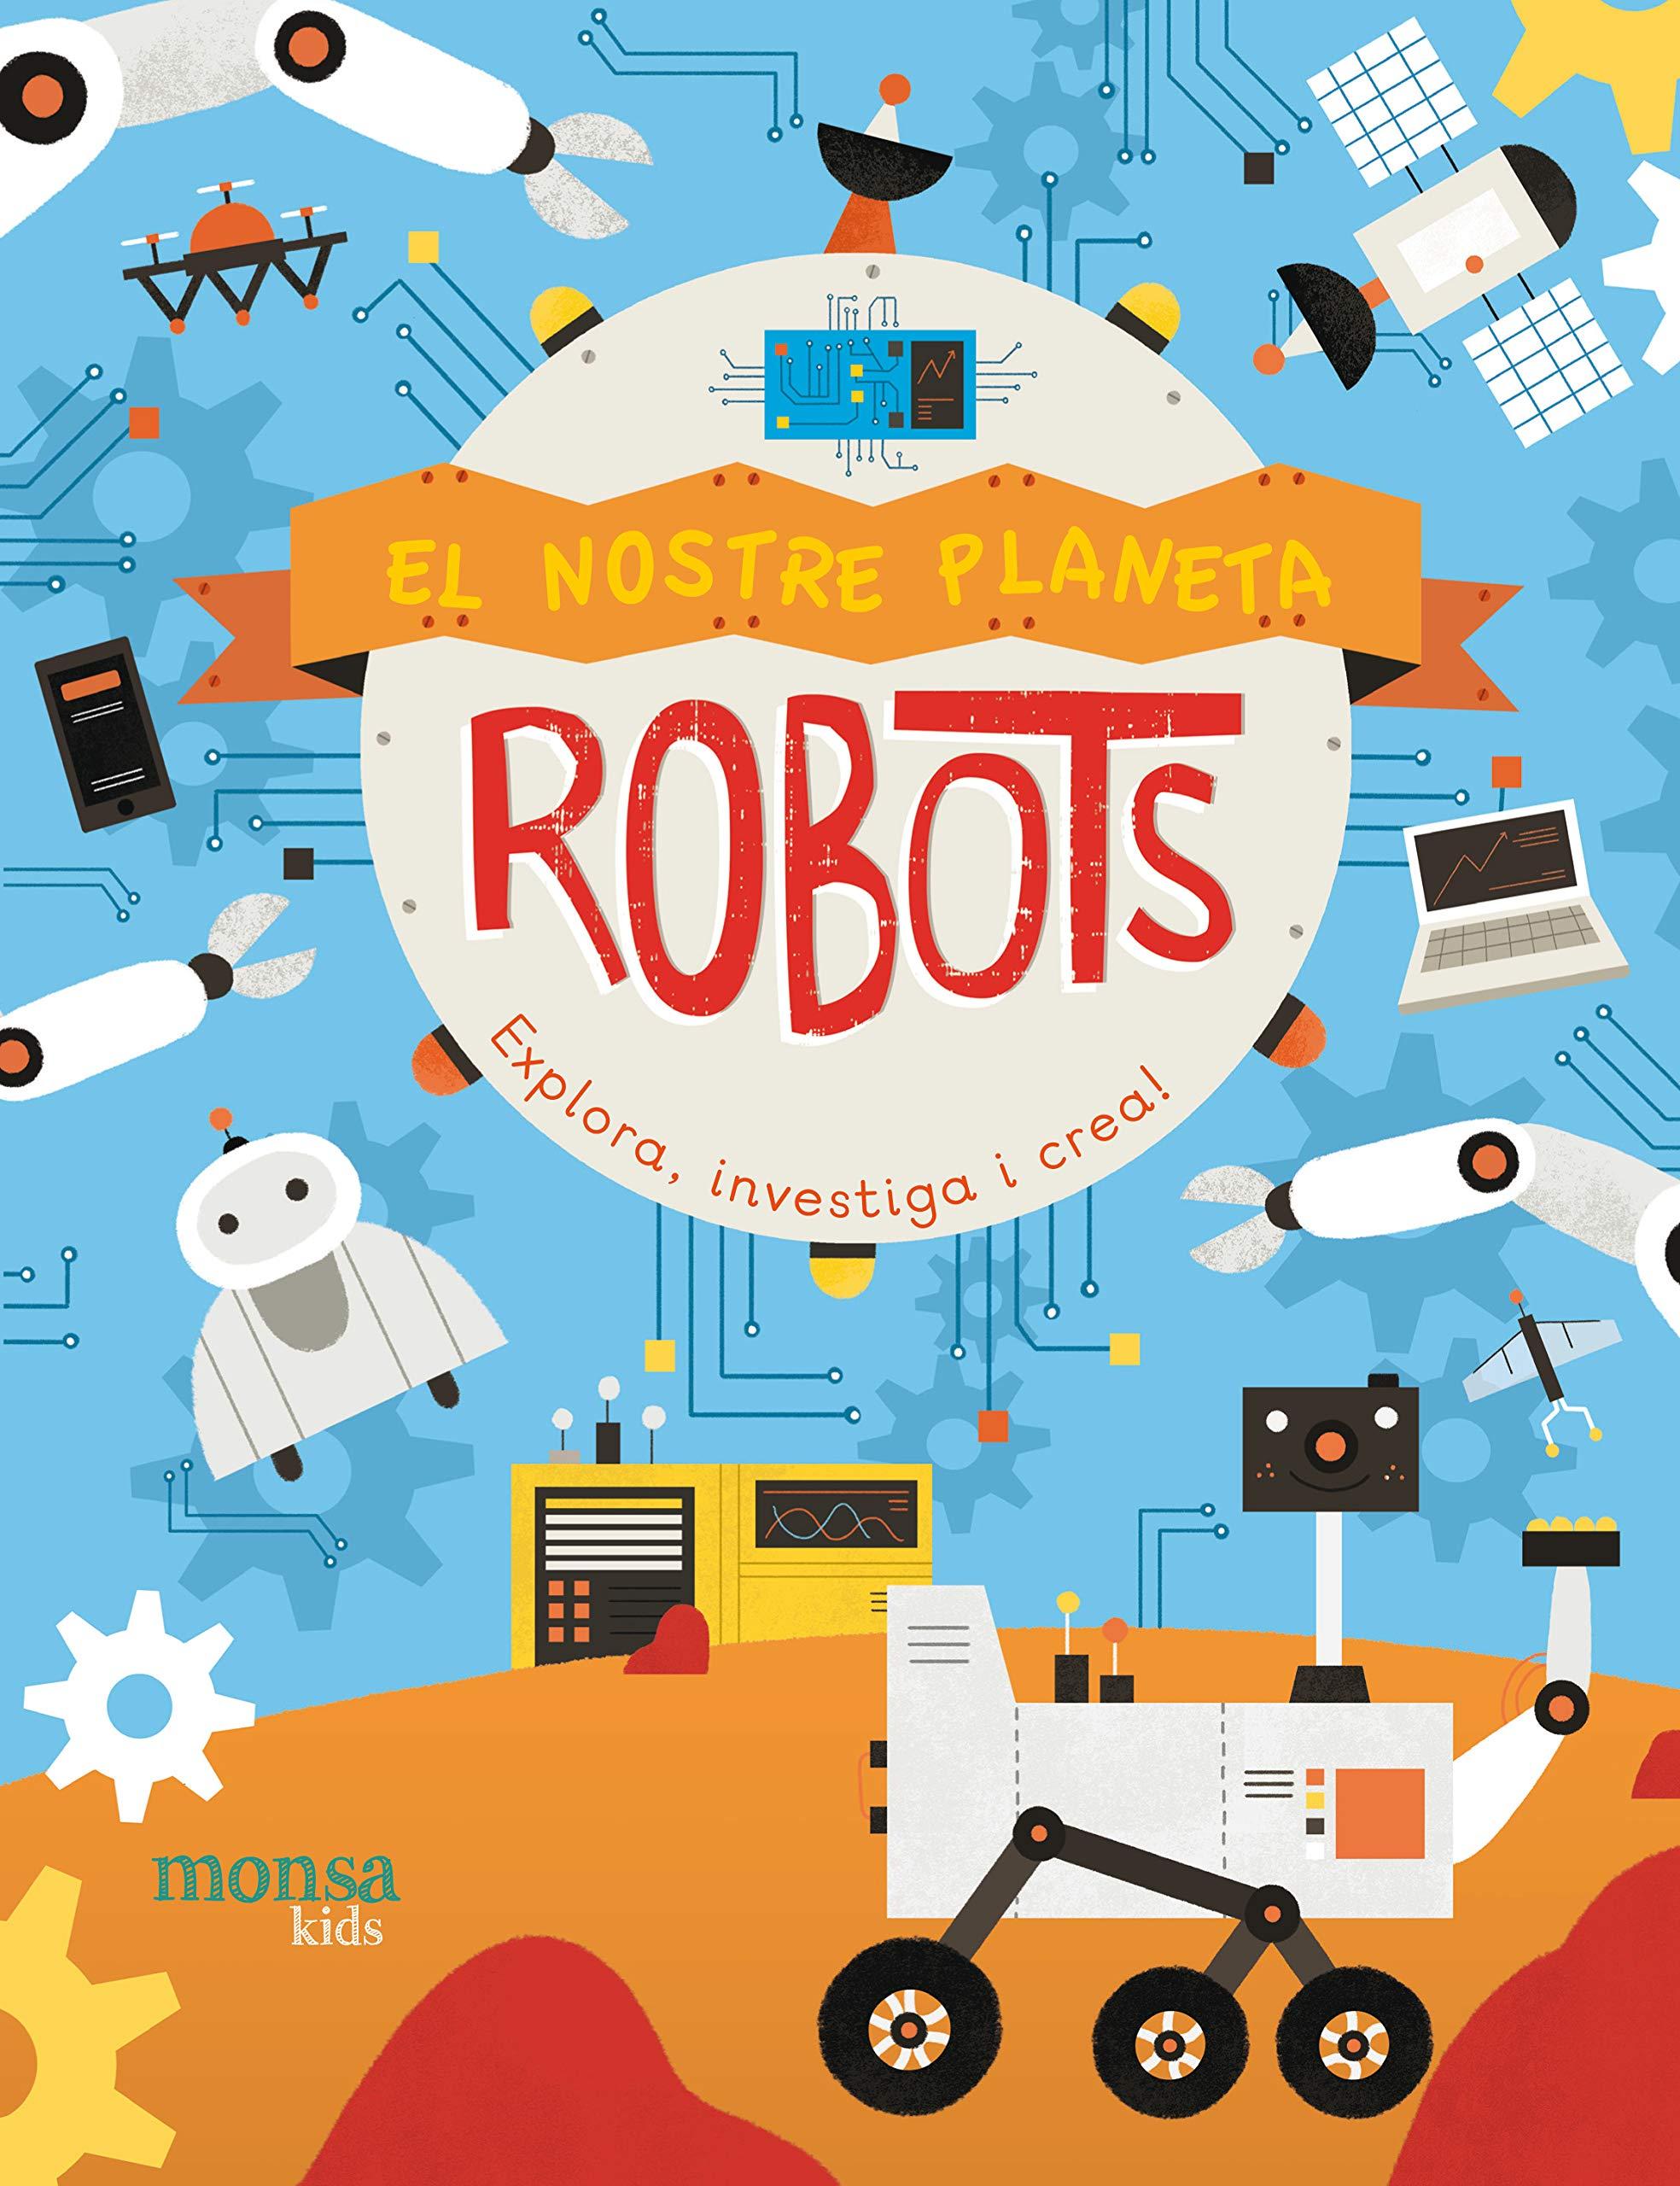 El nostre planeta - ROBOTS -: Amazon.es: Jenny Fretland y Pau Morgan: Libros